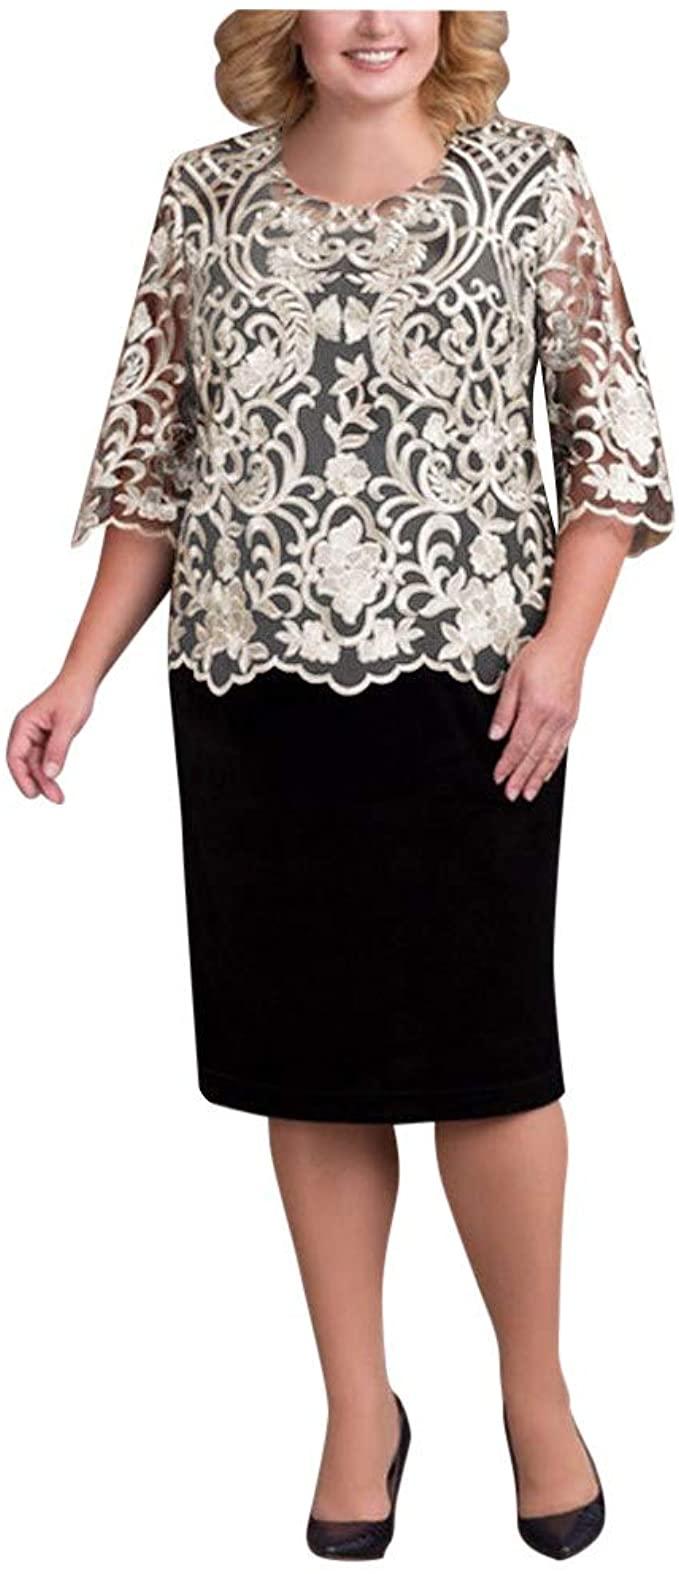 Abbigliamento Donna Taglie Forti Amazon